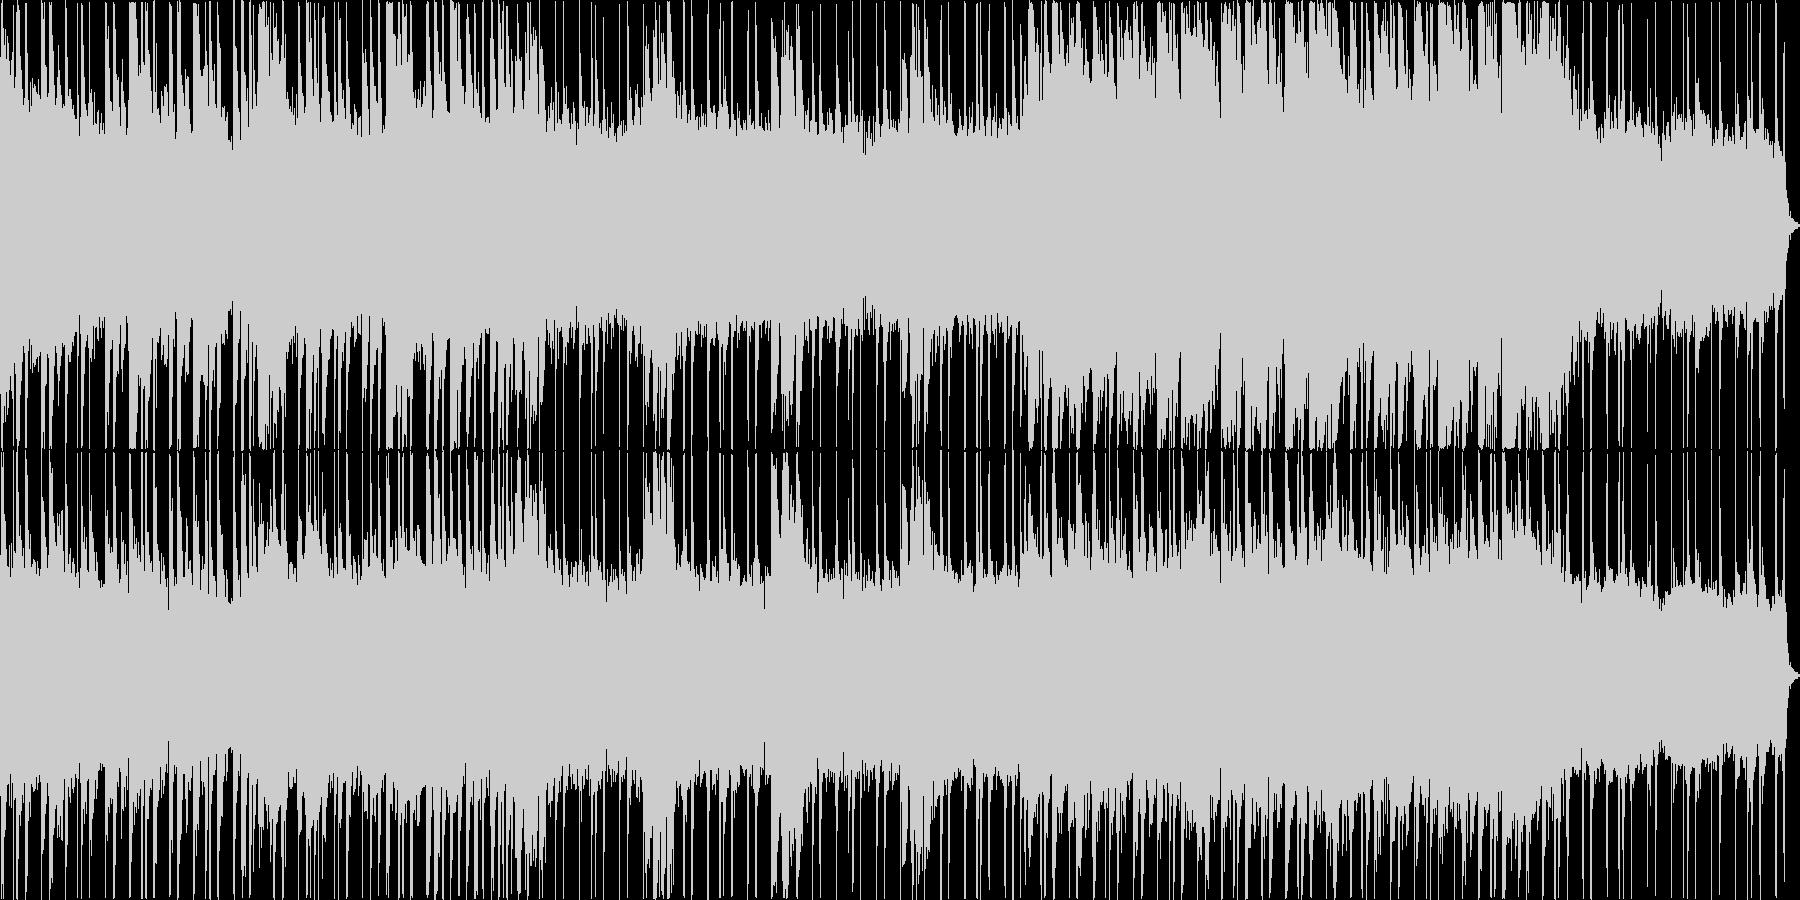 シンセが入っている明るい感じのロックな…の未再生の波形